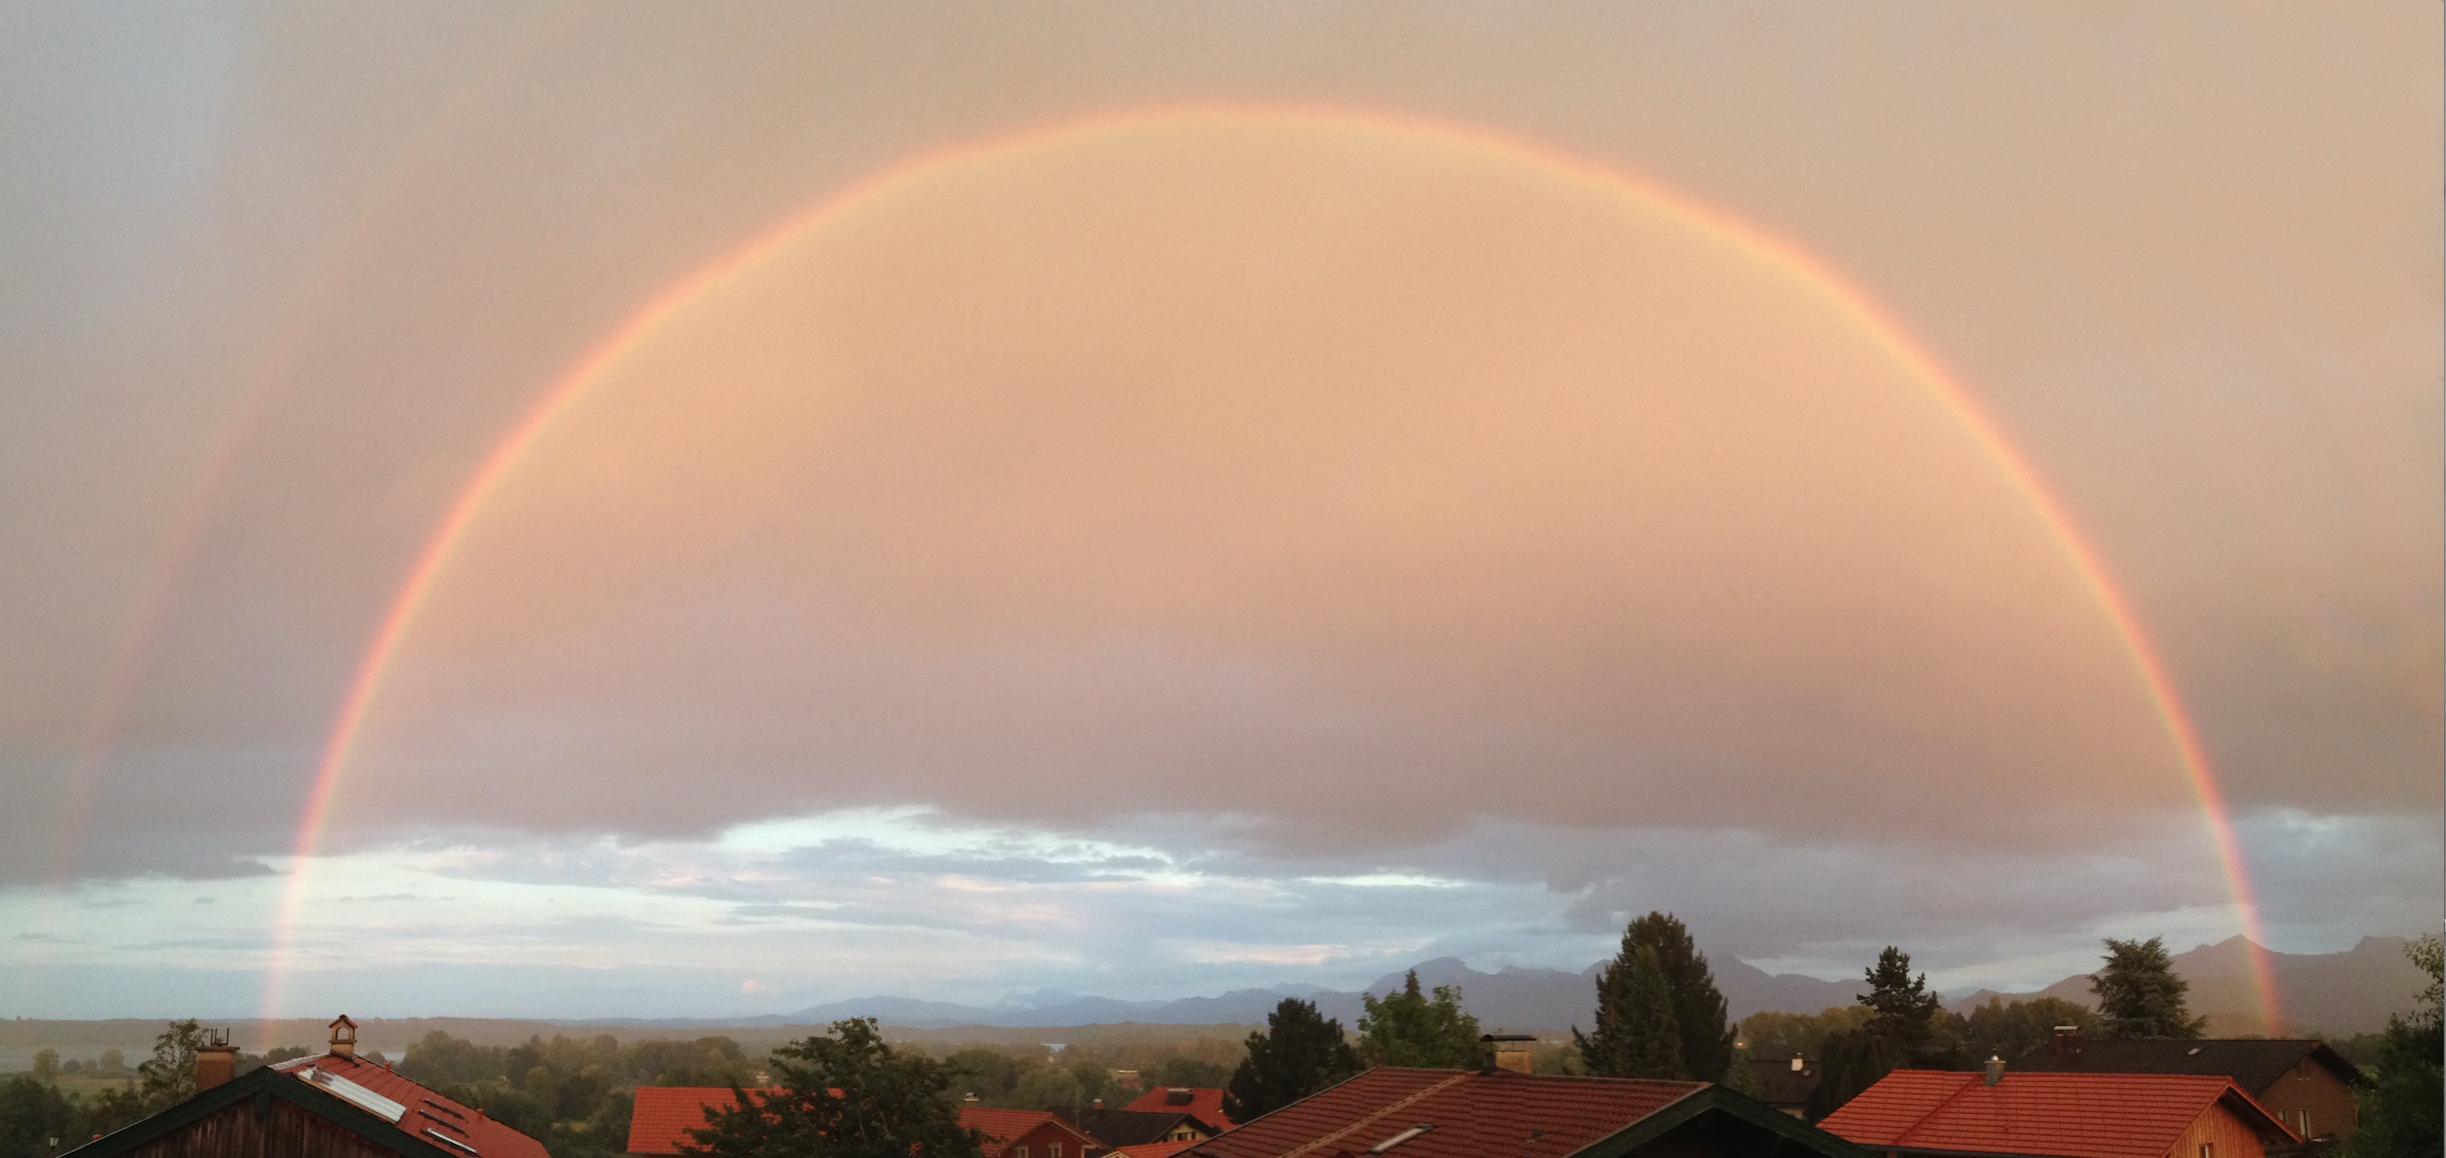 Bildschirmfoto Regenbogen